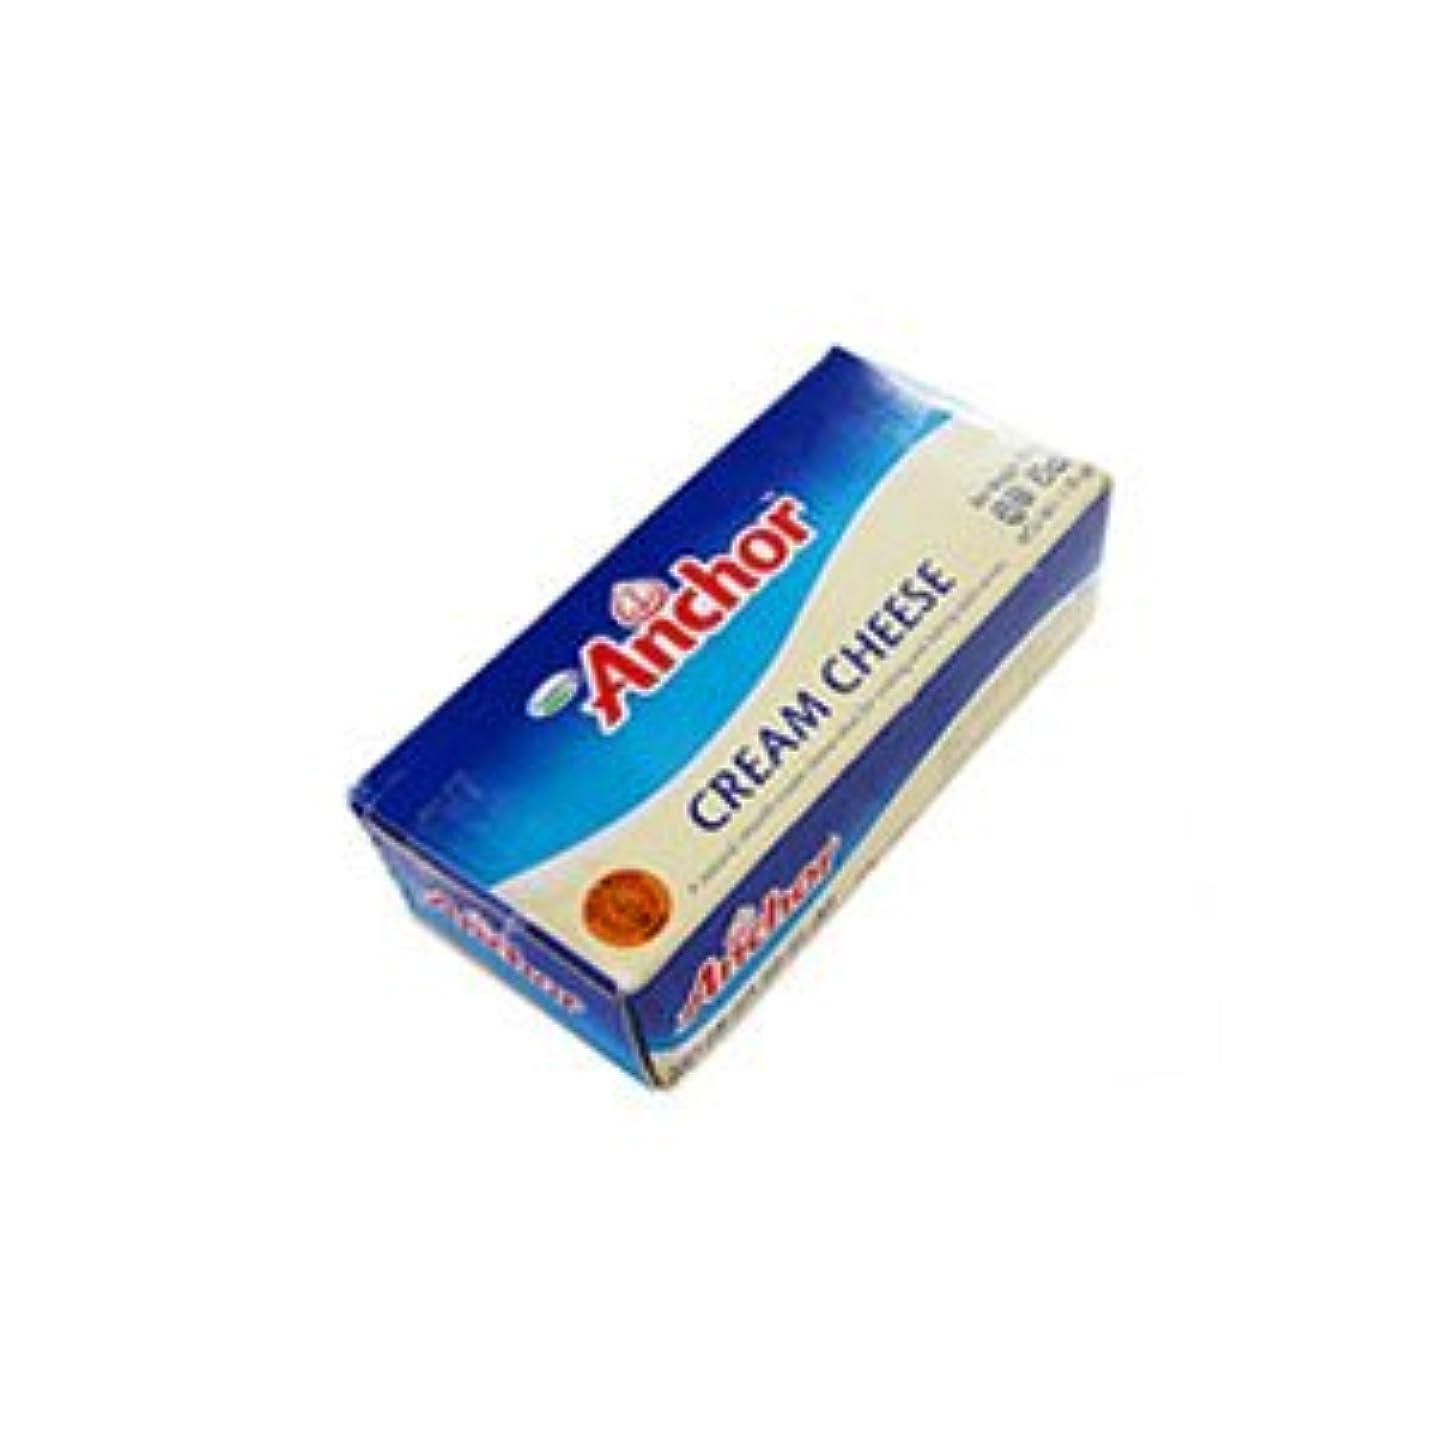 潜むシロクマ前述のAnchor/クリームチーズ【1kg】